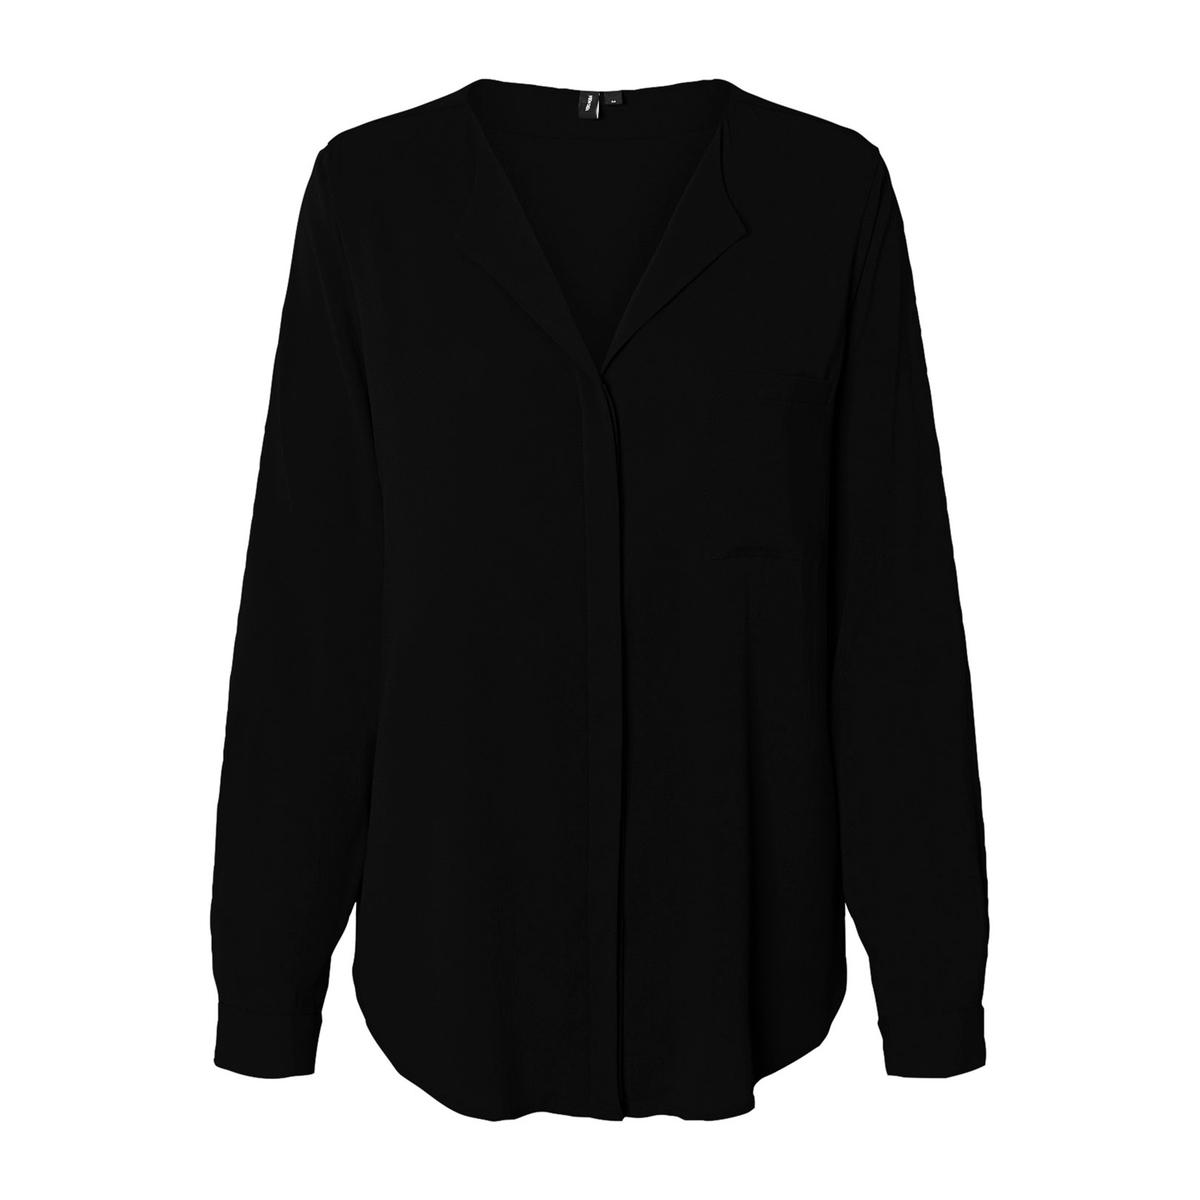 Блузка La Redoute С V-образным вырезом и длинными рукавами XS черный футболка la redoute кружевная с v образным вырезом и рукавами l черный